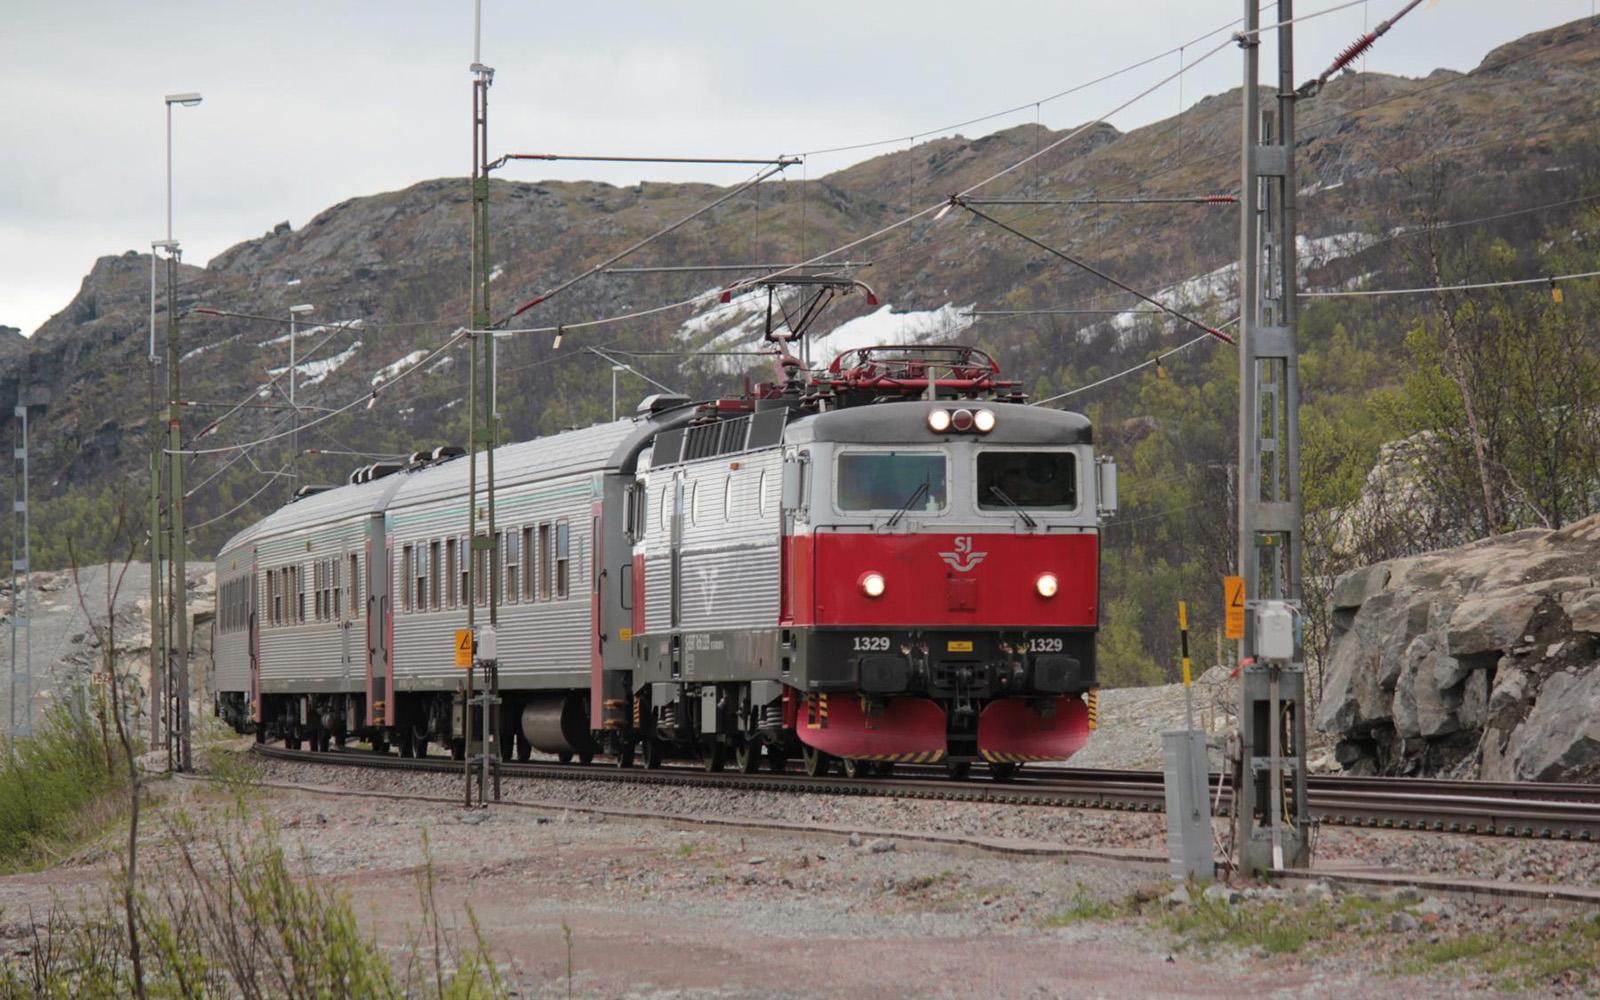 Foto: Schnellzug in Kiruna im Norden Schwedens. Fotografiert von railmen-Lokführer Christian Wodzinski auf einer lange Schwedenreise durch den nördlichsten Teil des Landes. Foto: Christian Wodzinski